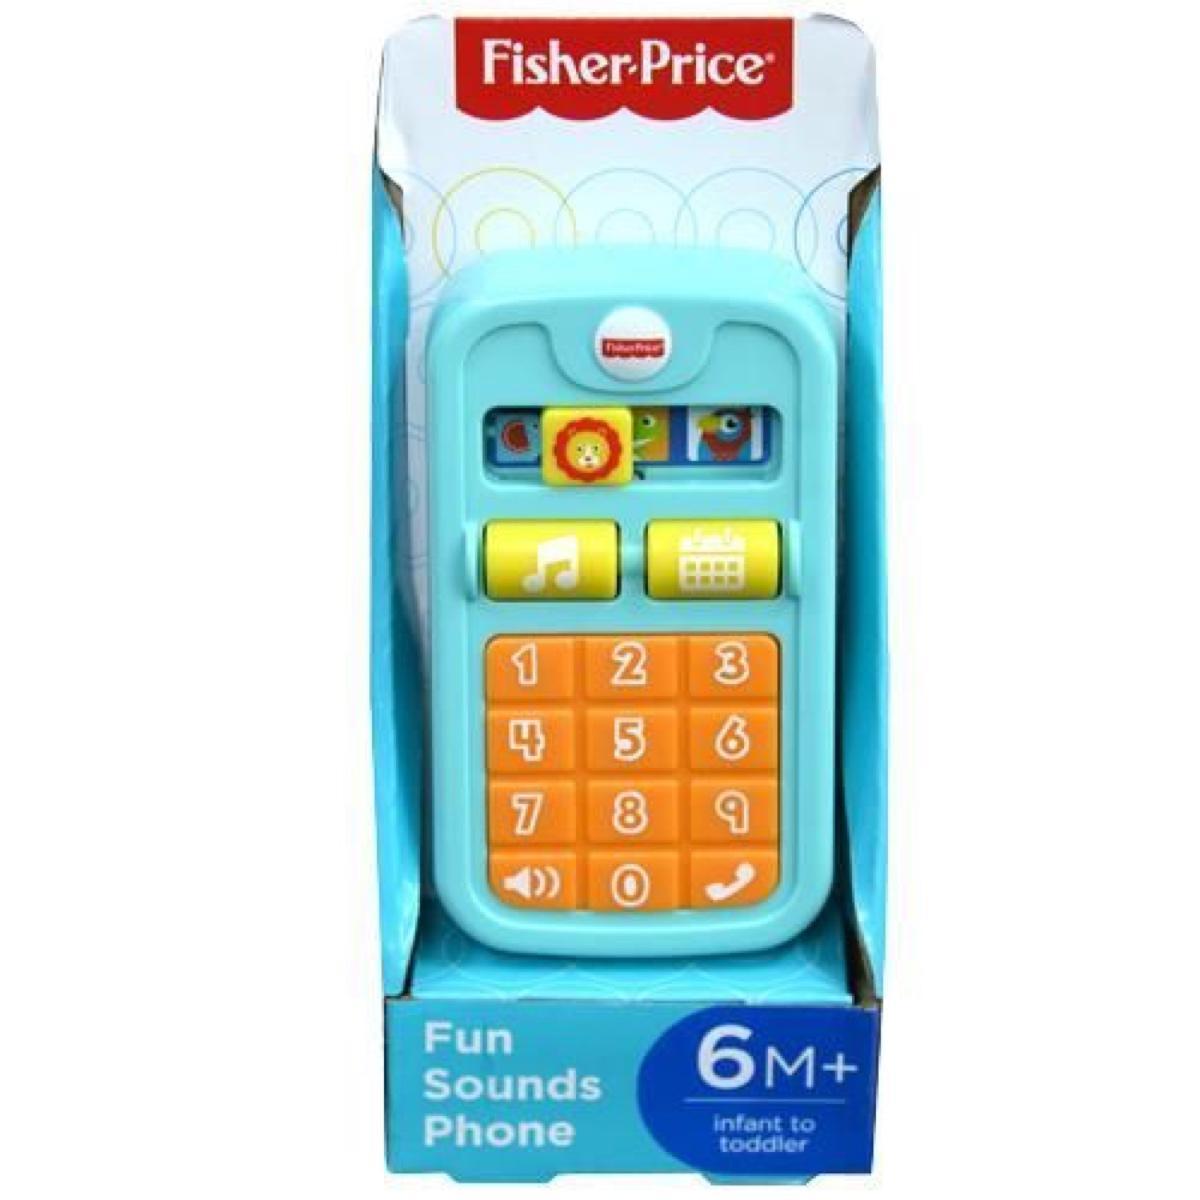 Fun Sounds Phone